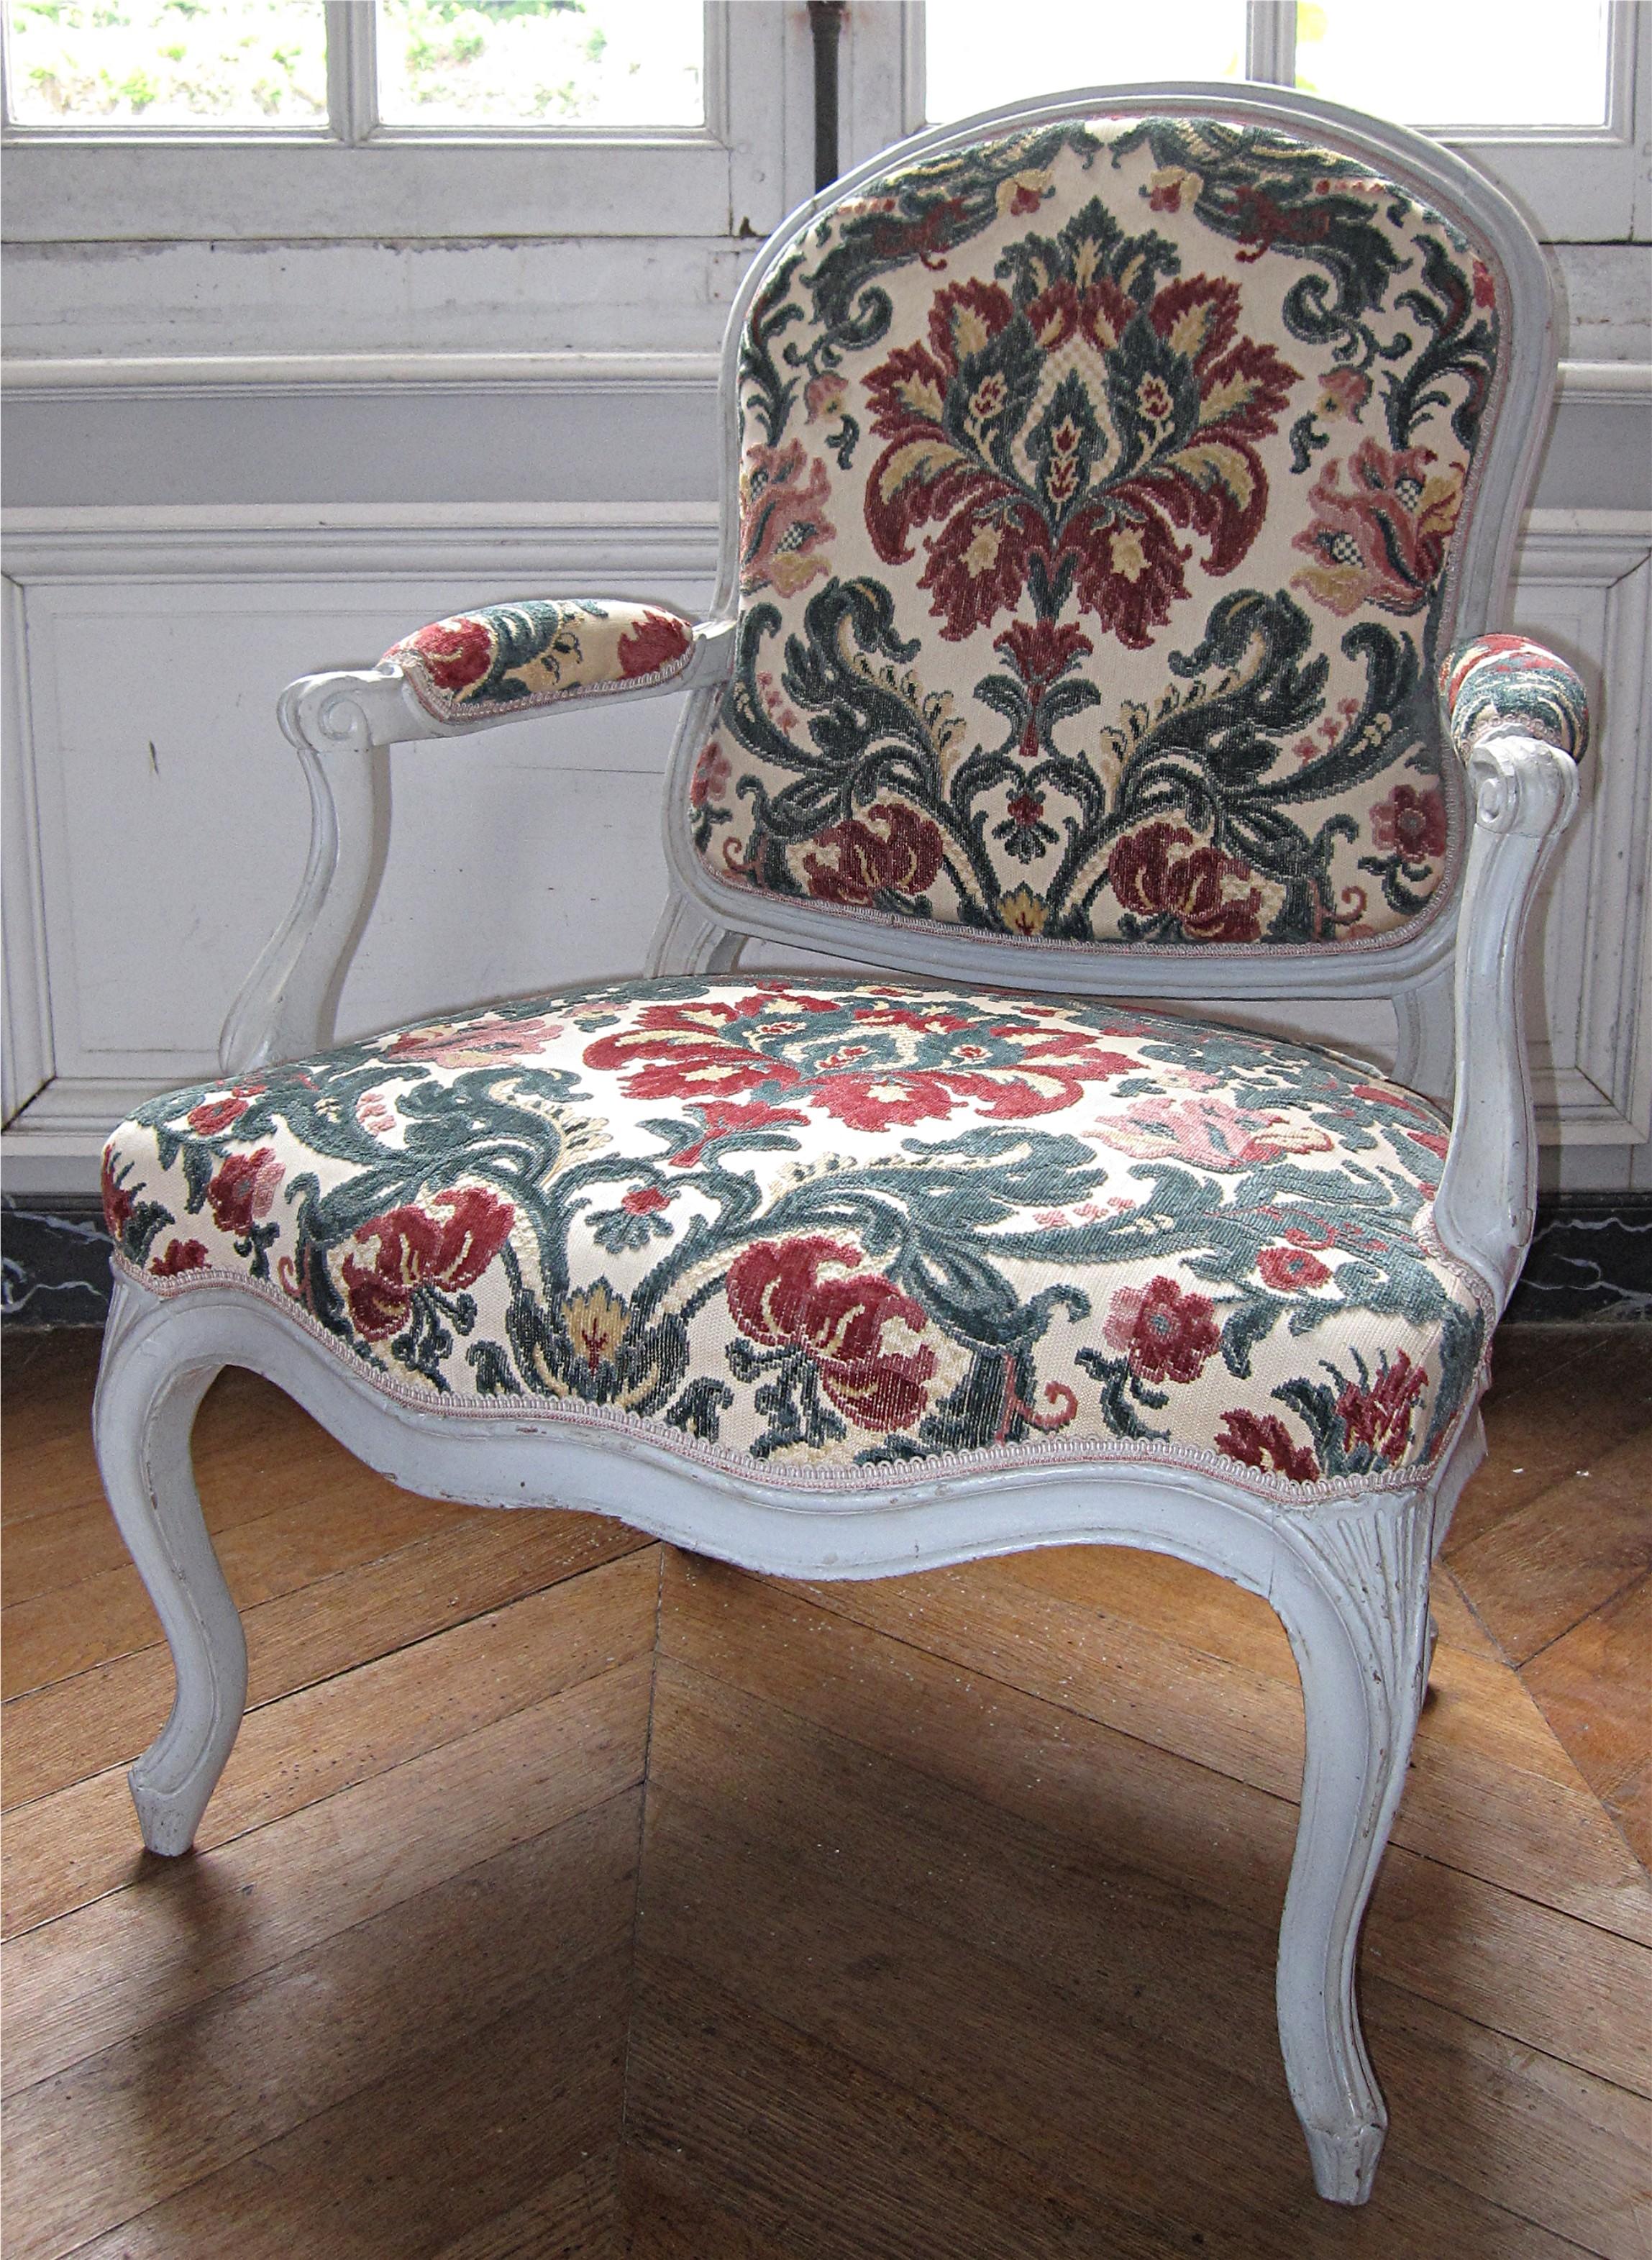 8 fauteuils Louis XV (fauteuils à la reine)